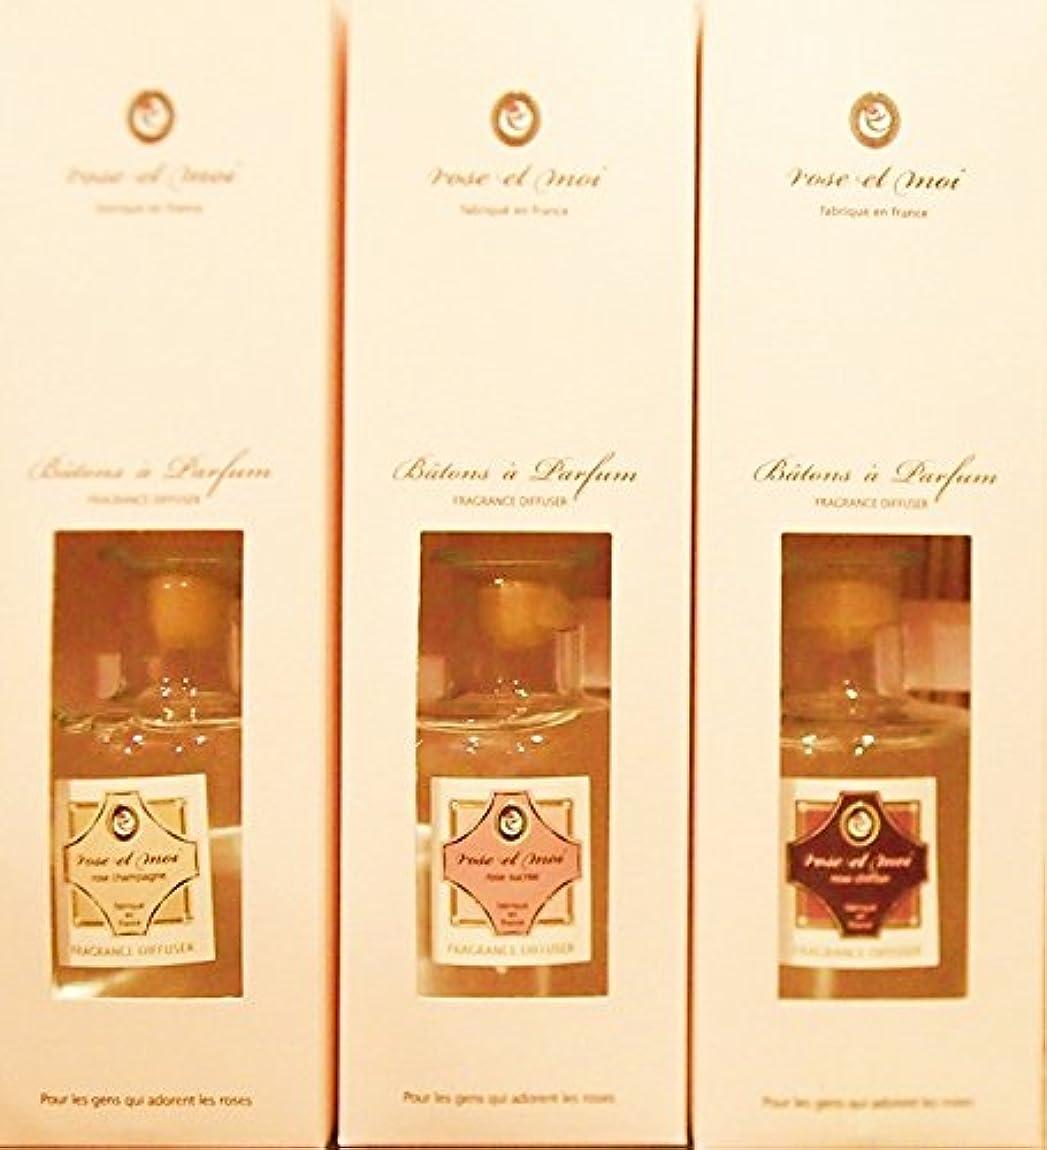 オセアニア教えて家族【ローズシフォン】Lothantique(ロタンティック)  rose et moi(ローズ エ モア)  フレグランスディフューザー 200ml (rose chiffon(ローズ シフォン))4994228026989